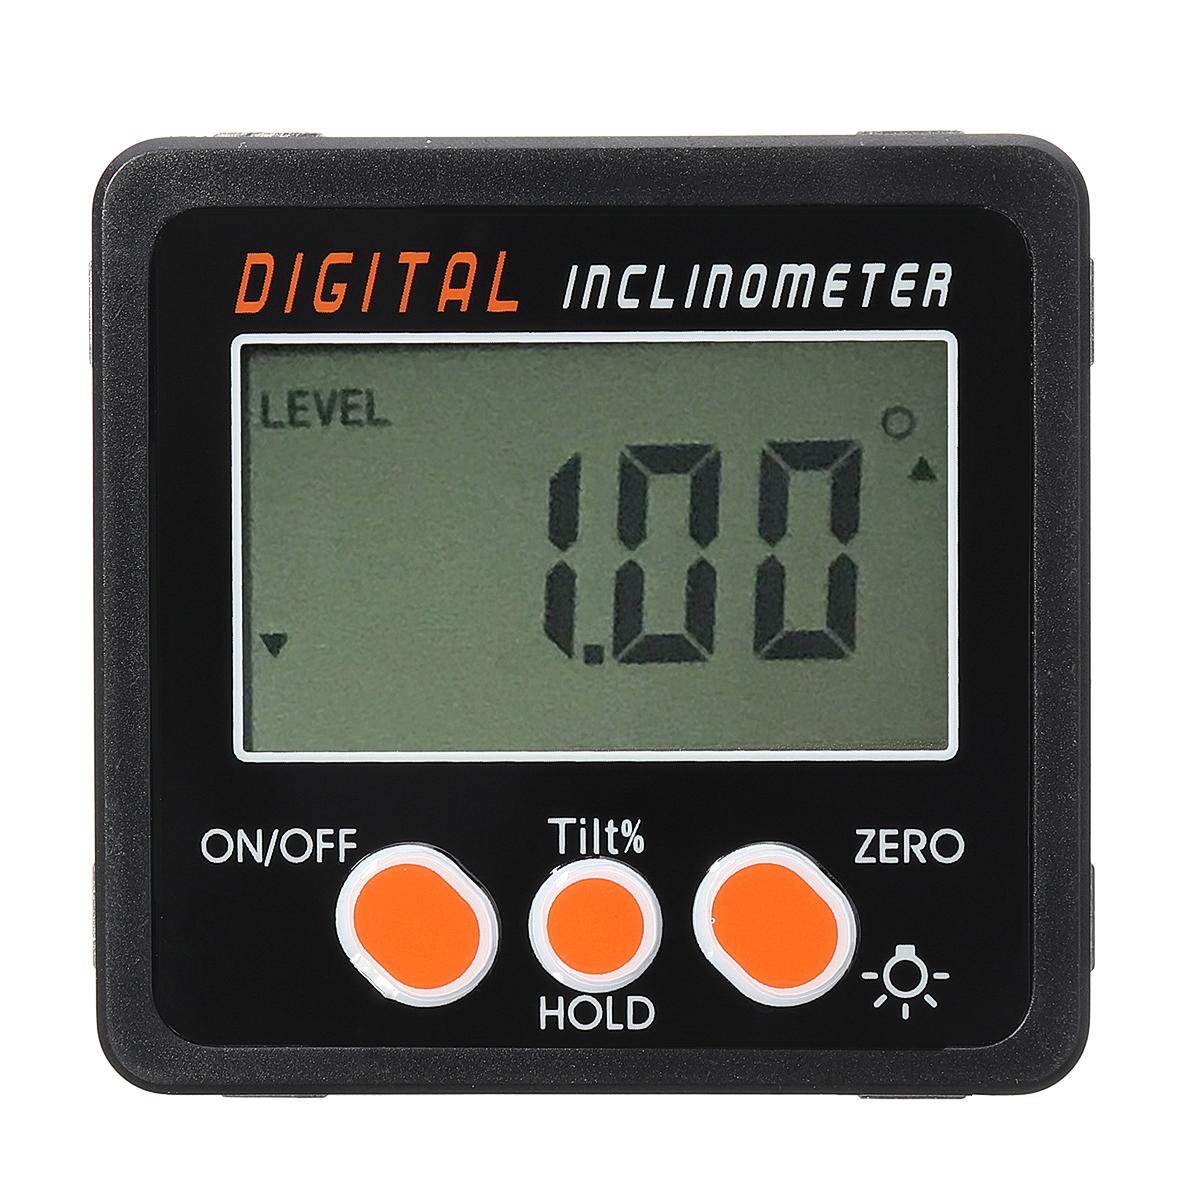 Image of 0.05 Spirit Level Digital Inclinometer Protractor Angle Finder Gauge Meter Bevel